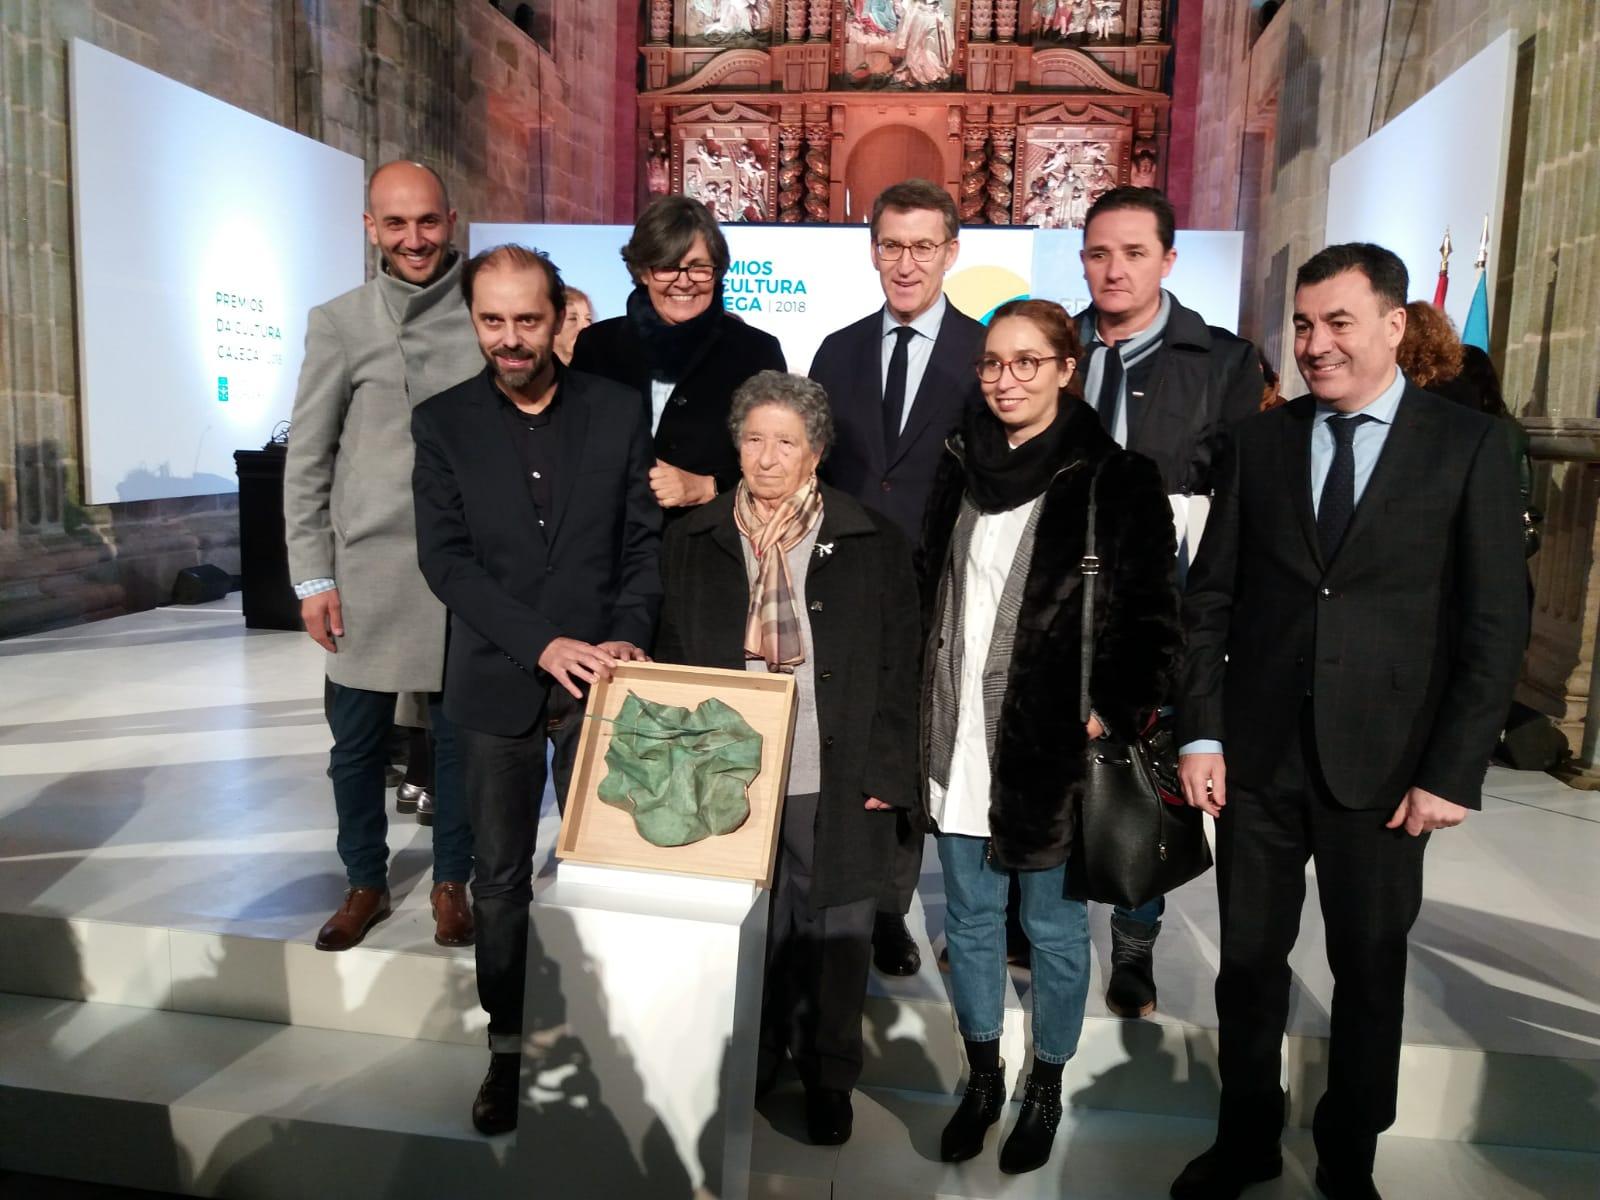 O Porriño amosa o seu orgullo polo Premio da Cultura Galega ao Festival de Cans, o primeiro festival de cinema que recibe esta distinción